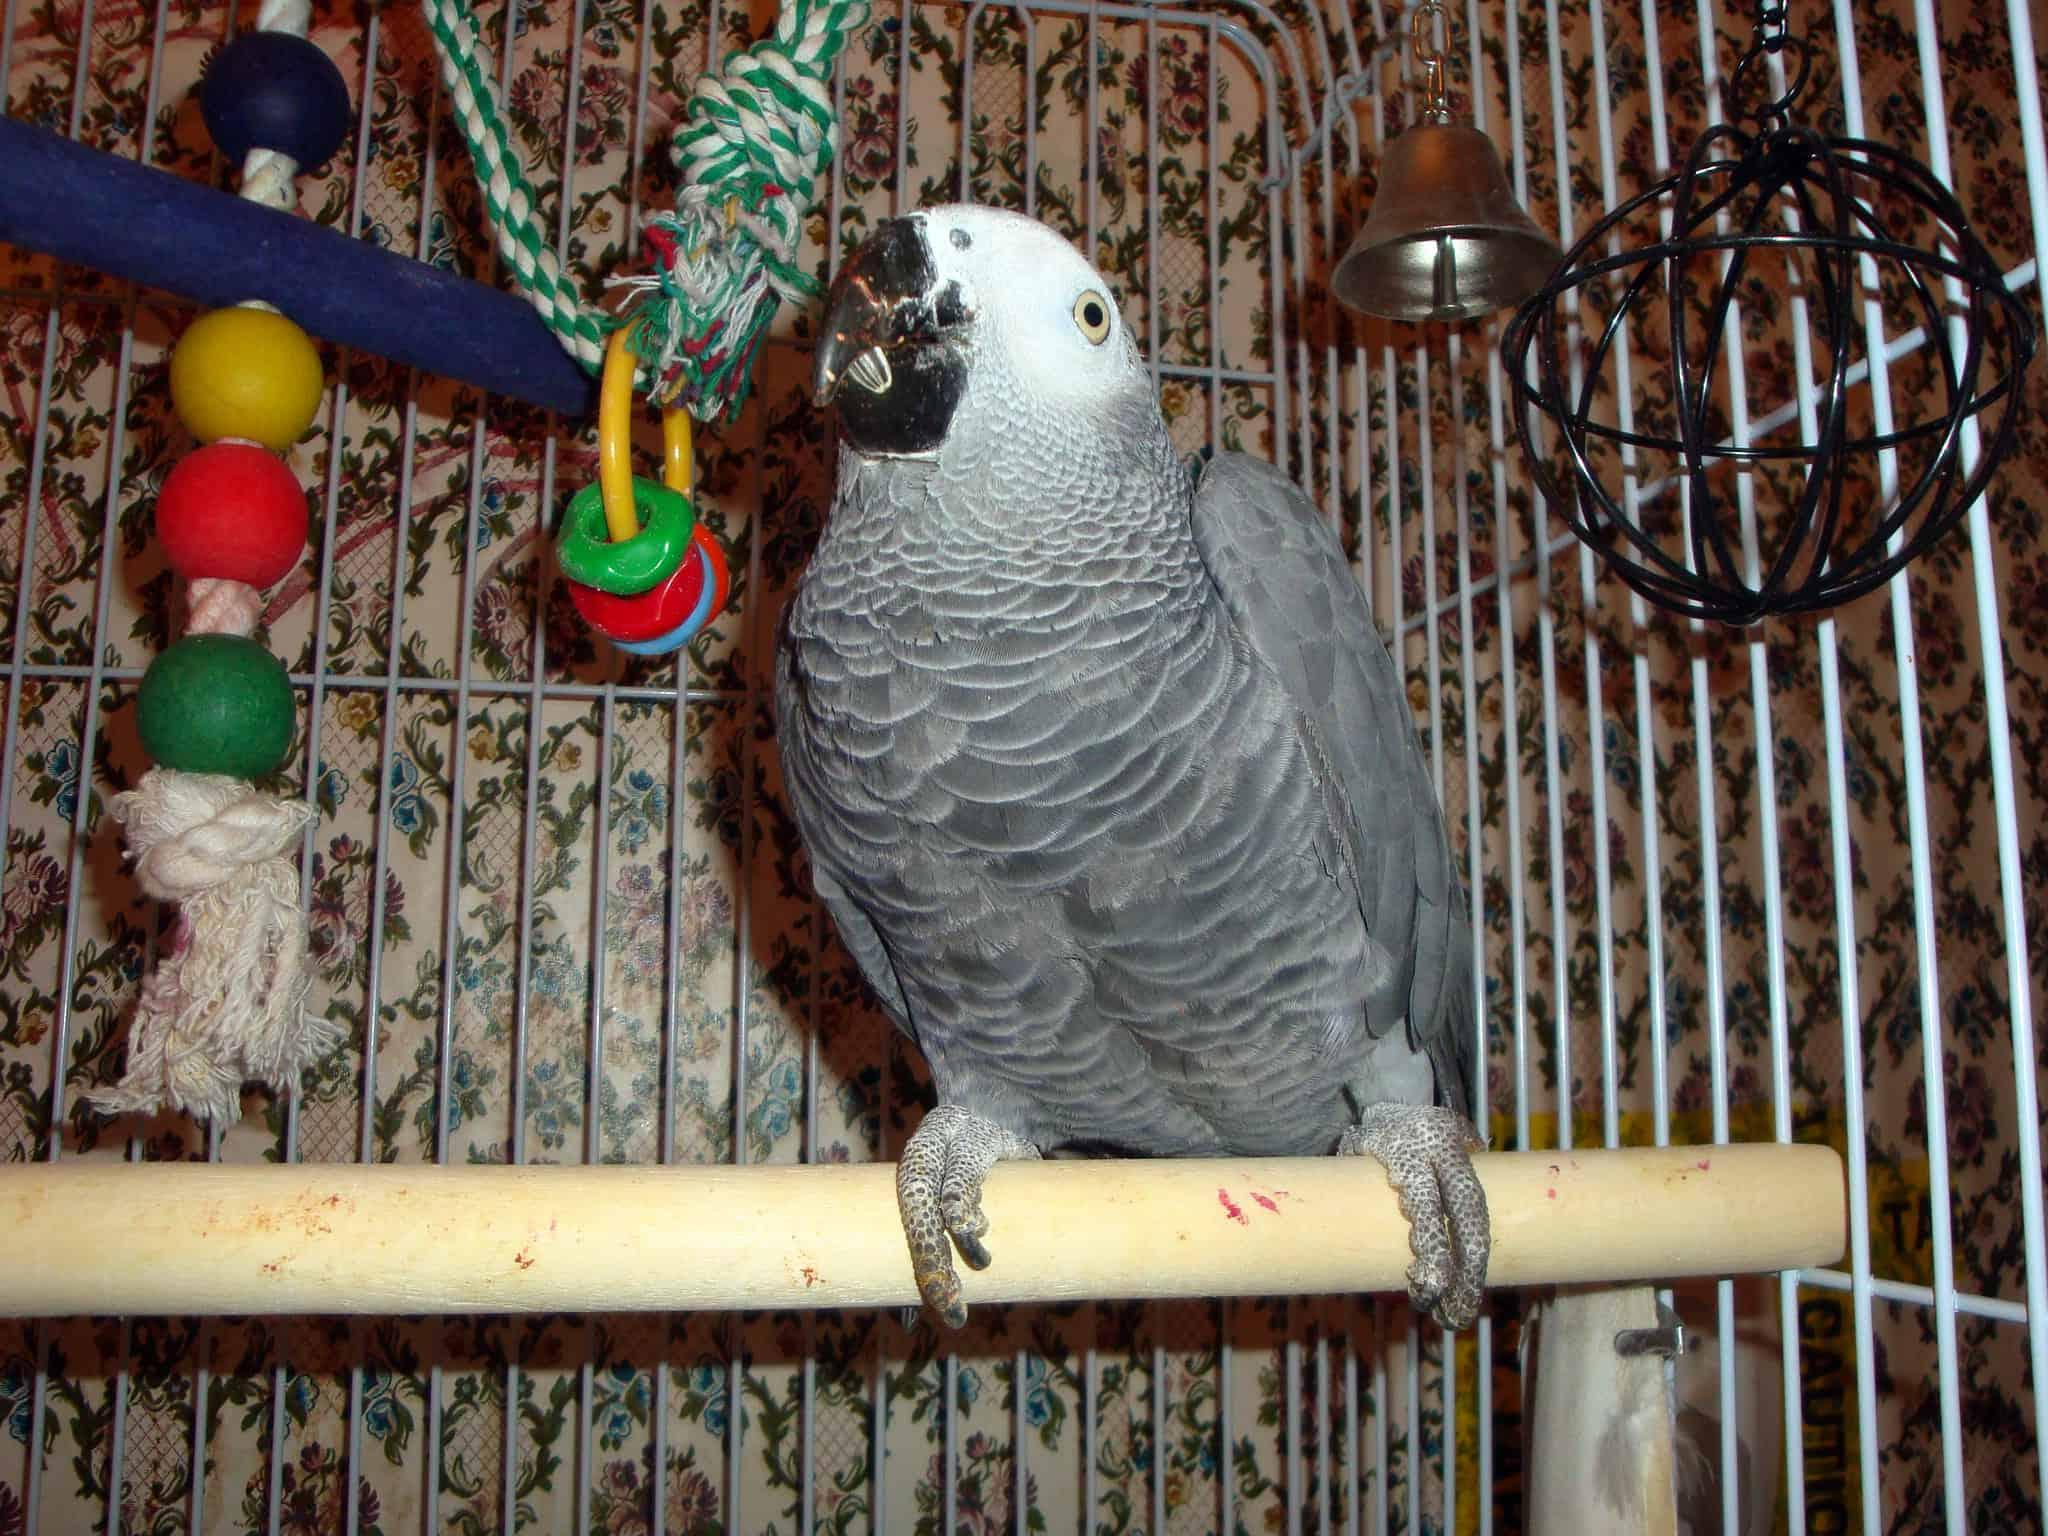 bird-cage-accessories-5